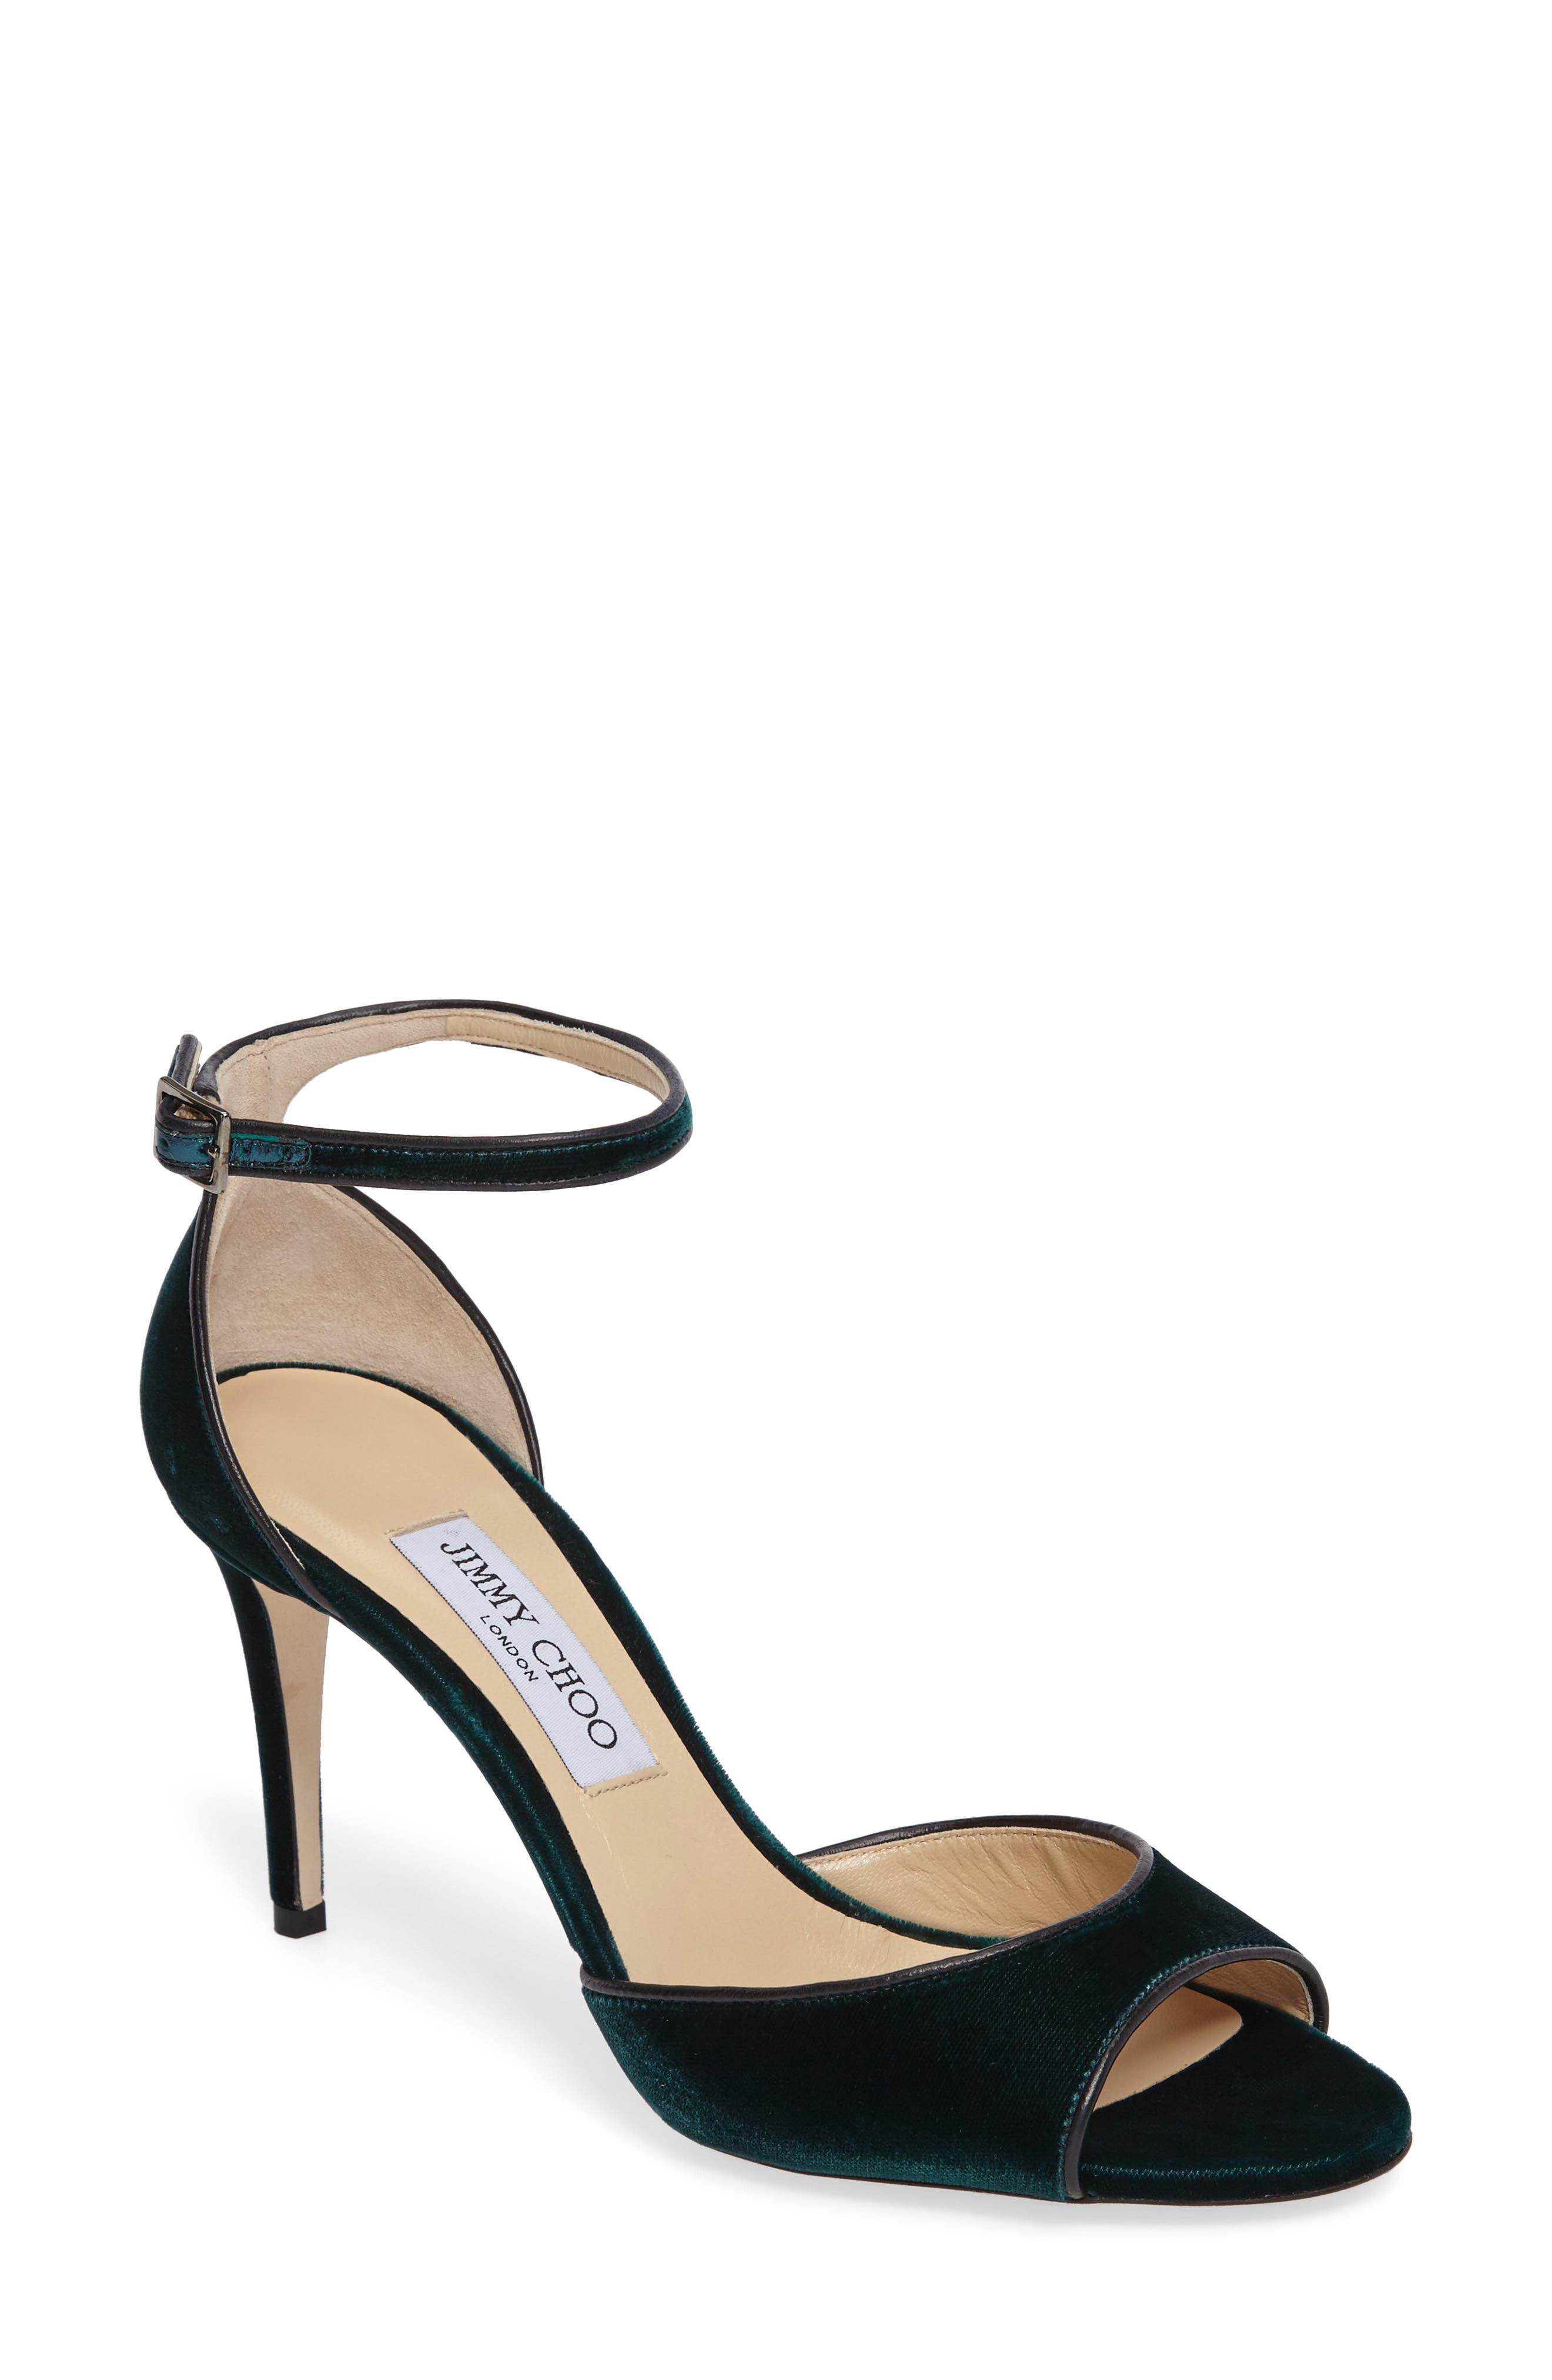 Annie Ankle Strap Sandal,                             Main thumbnail 1, color,                             300